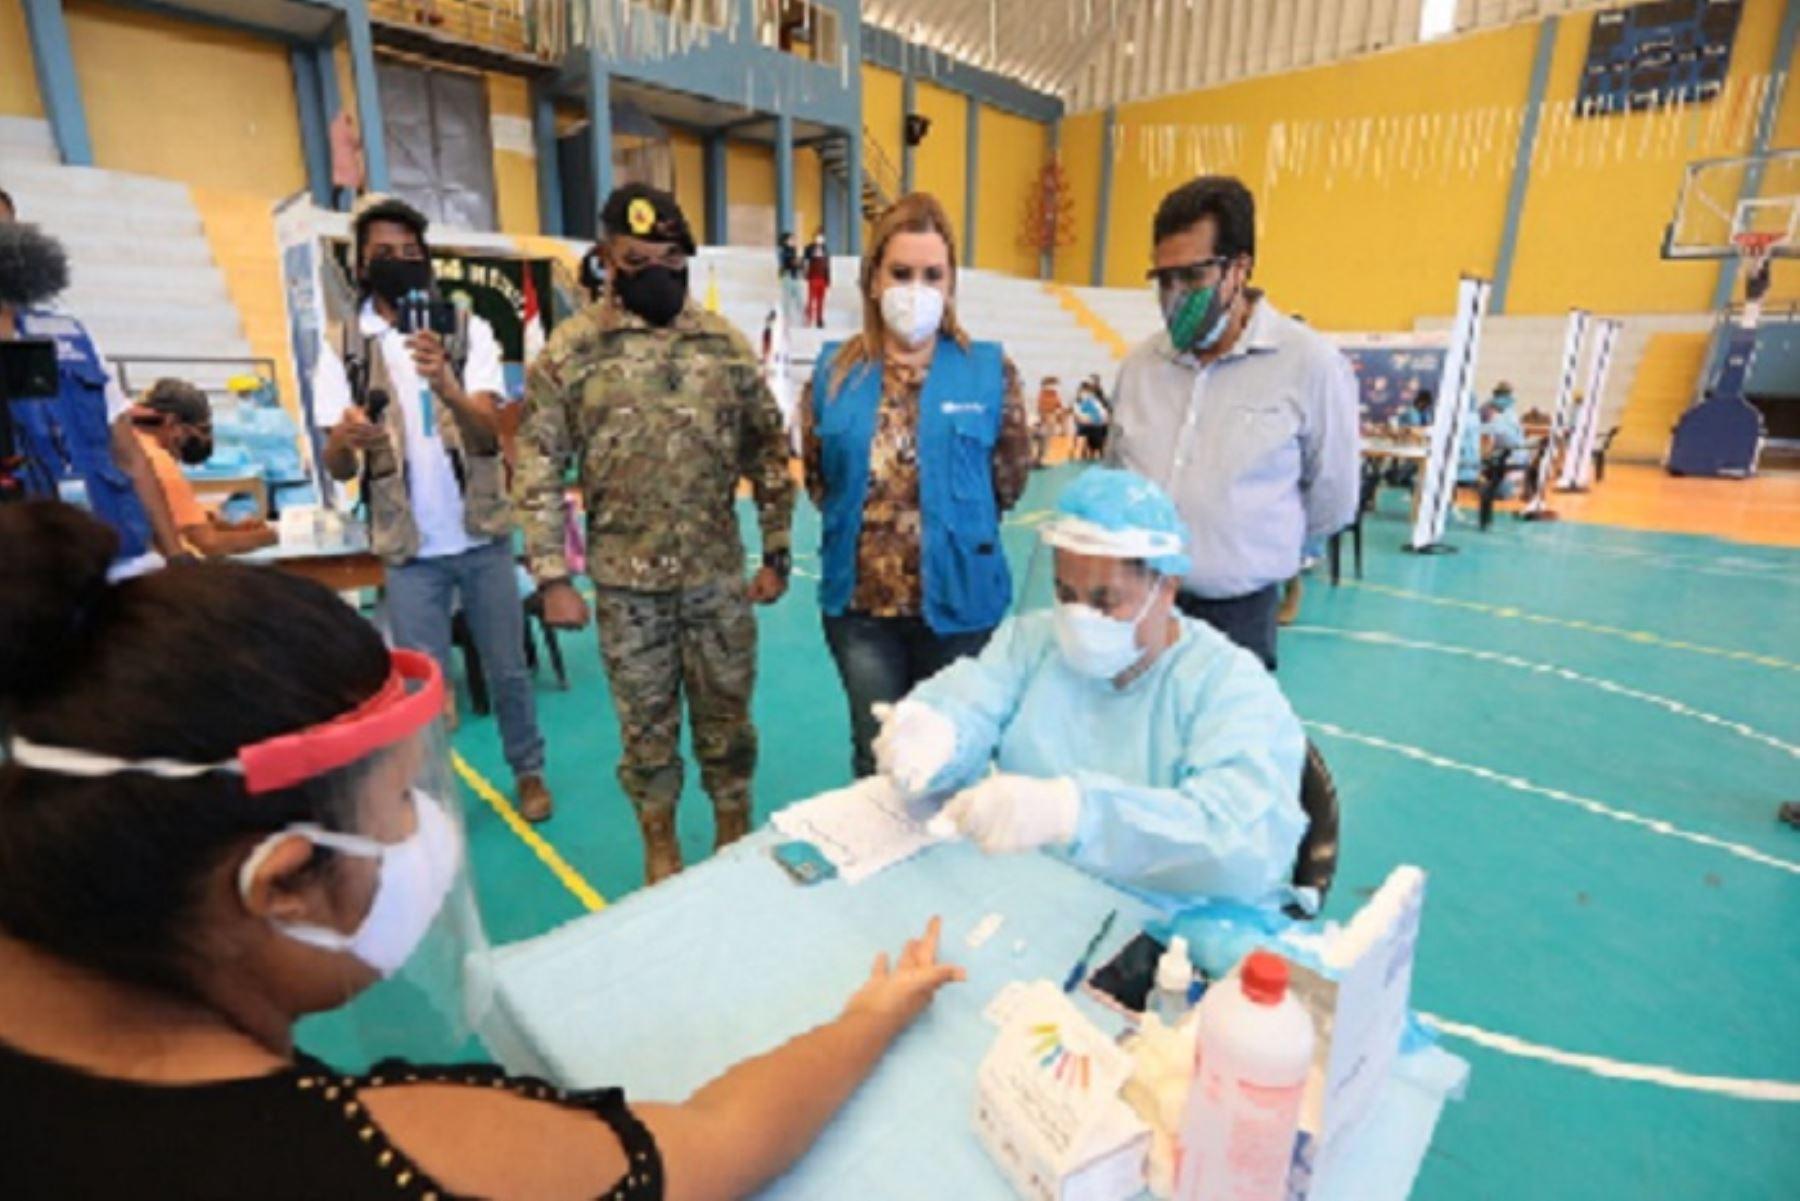 En la campaña preventiva también se entregaron kits covid-19 a las personas que dieron positivo a la enfermedad y se encuentran en la fase inicial del contagio.